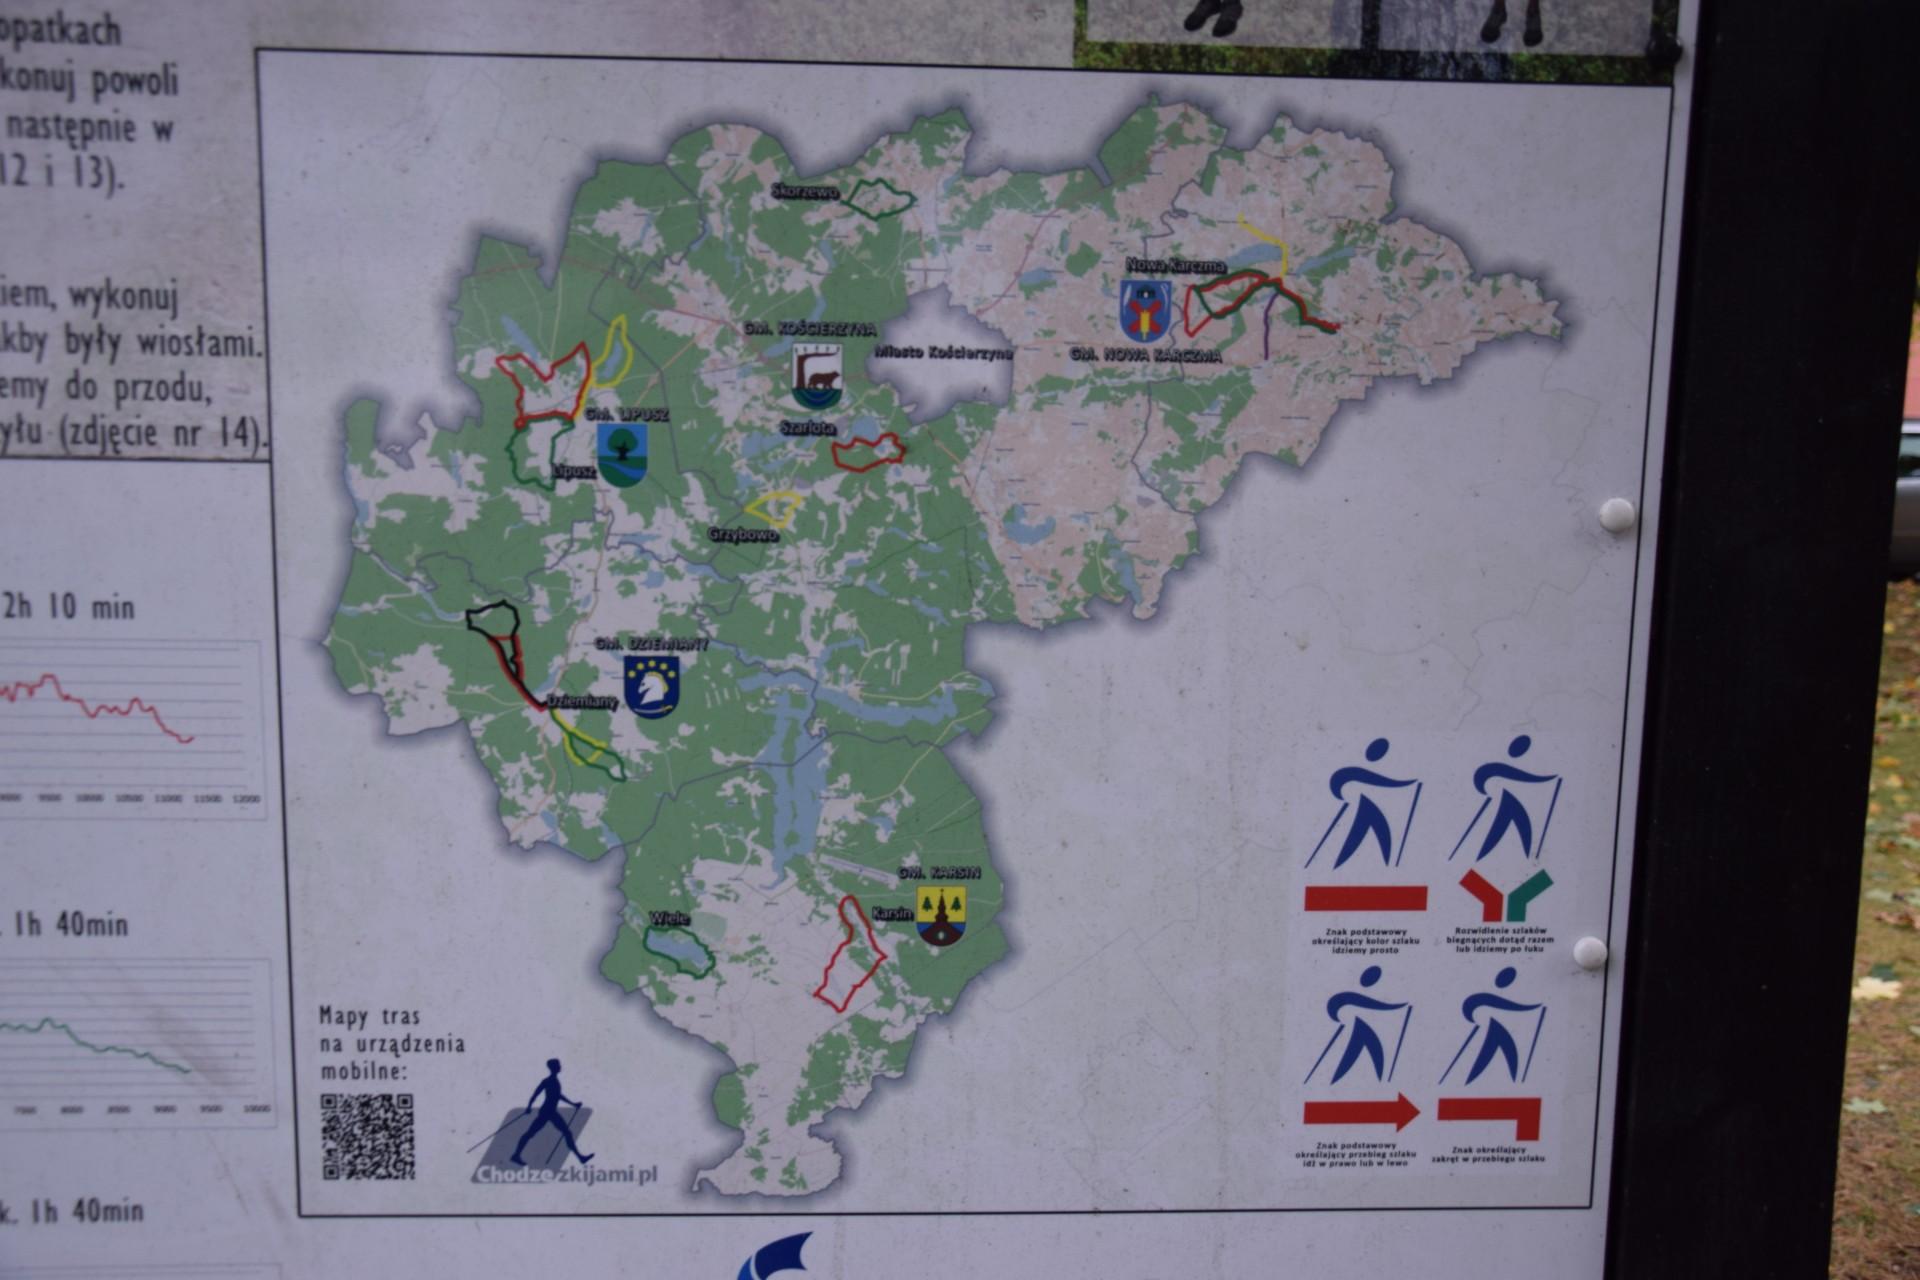 Stolemowe Szlaki nordic walking, fot. T. Słomczyński/ Magazyn Kaszuby